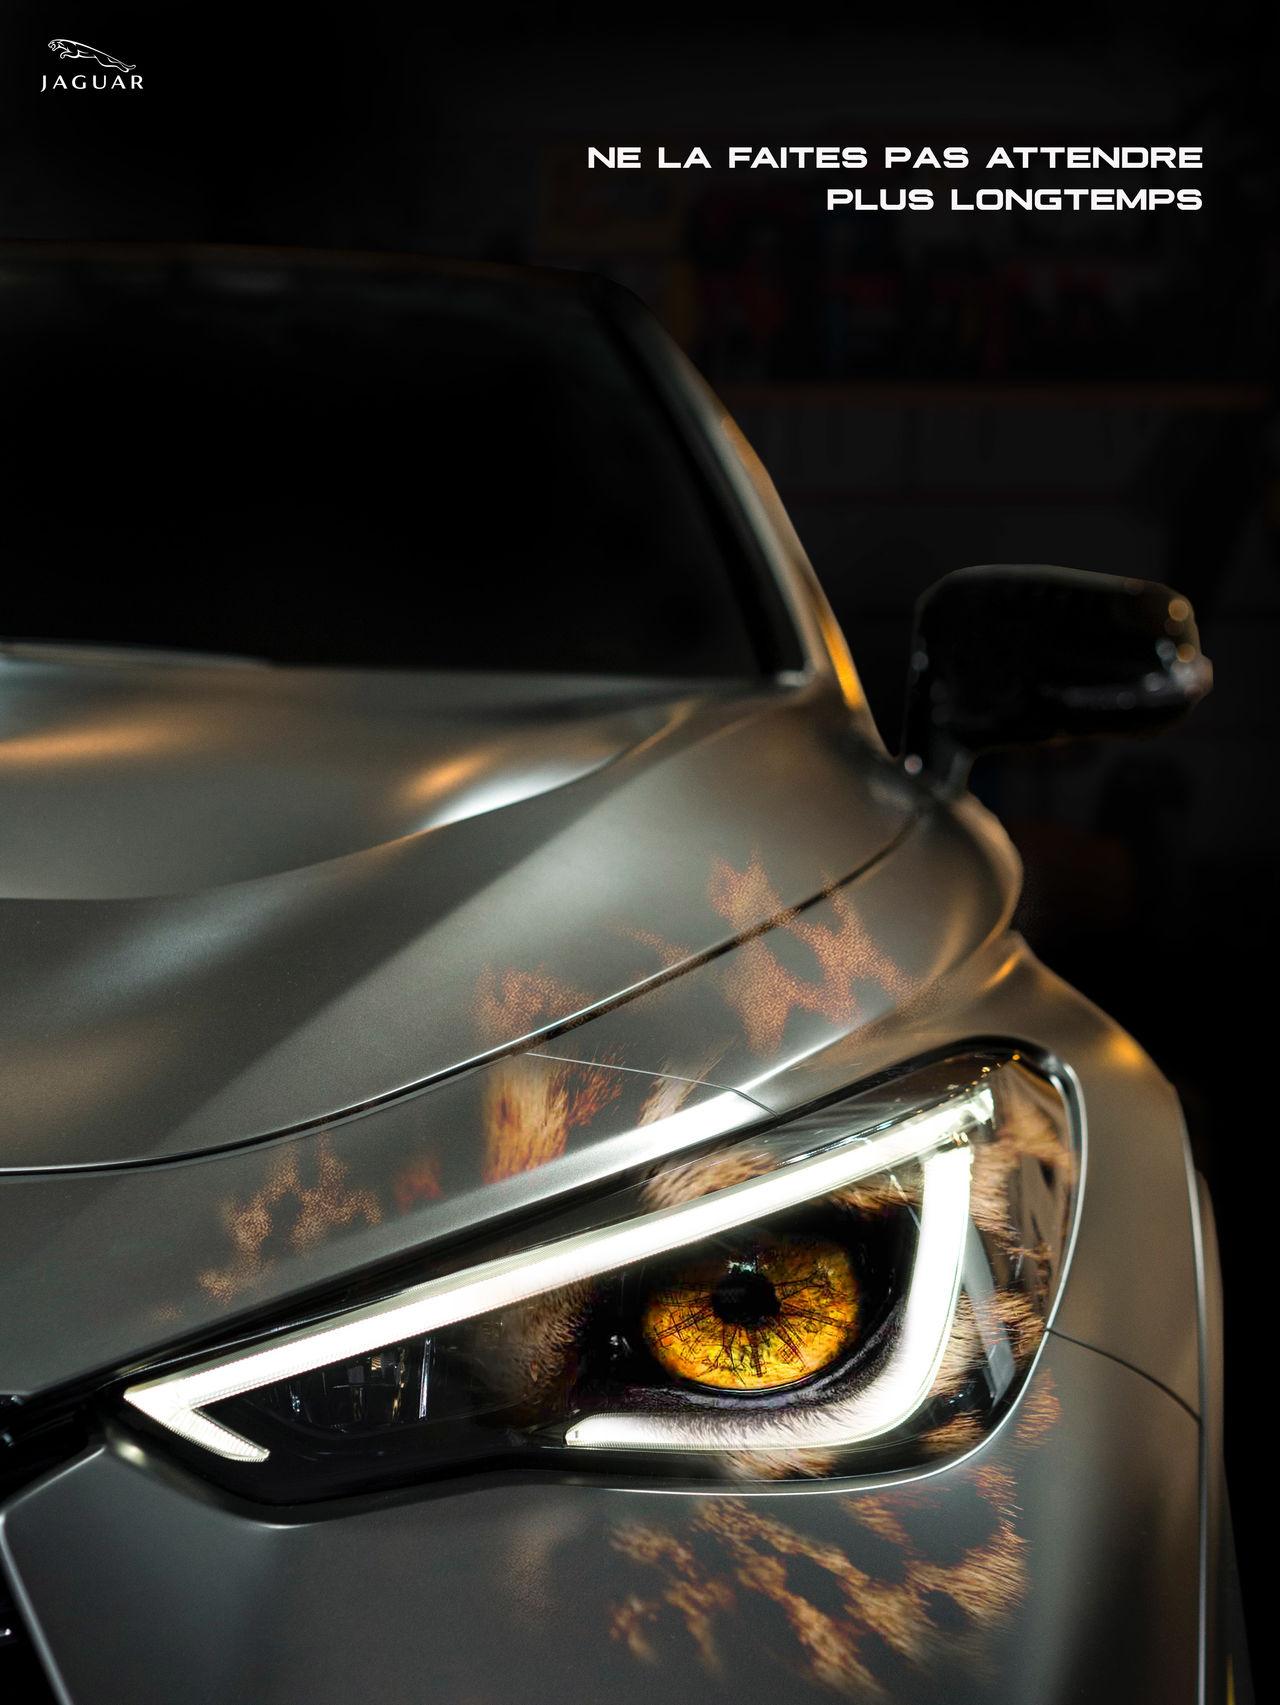 Publicité Jaguar